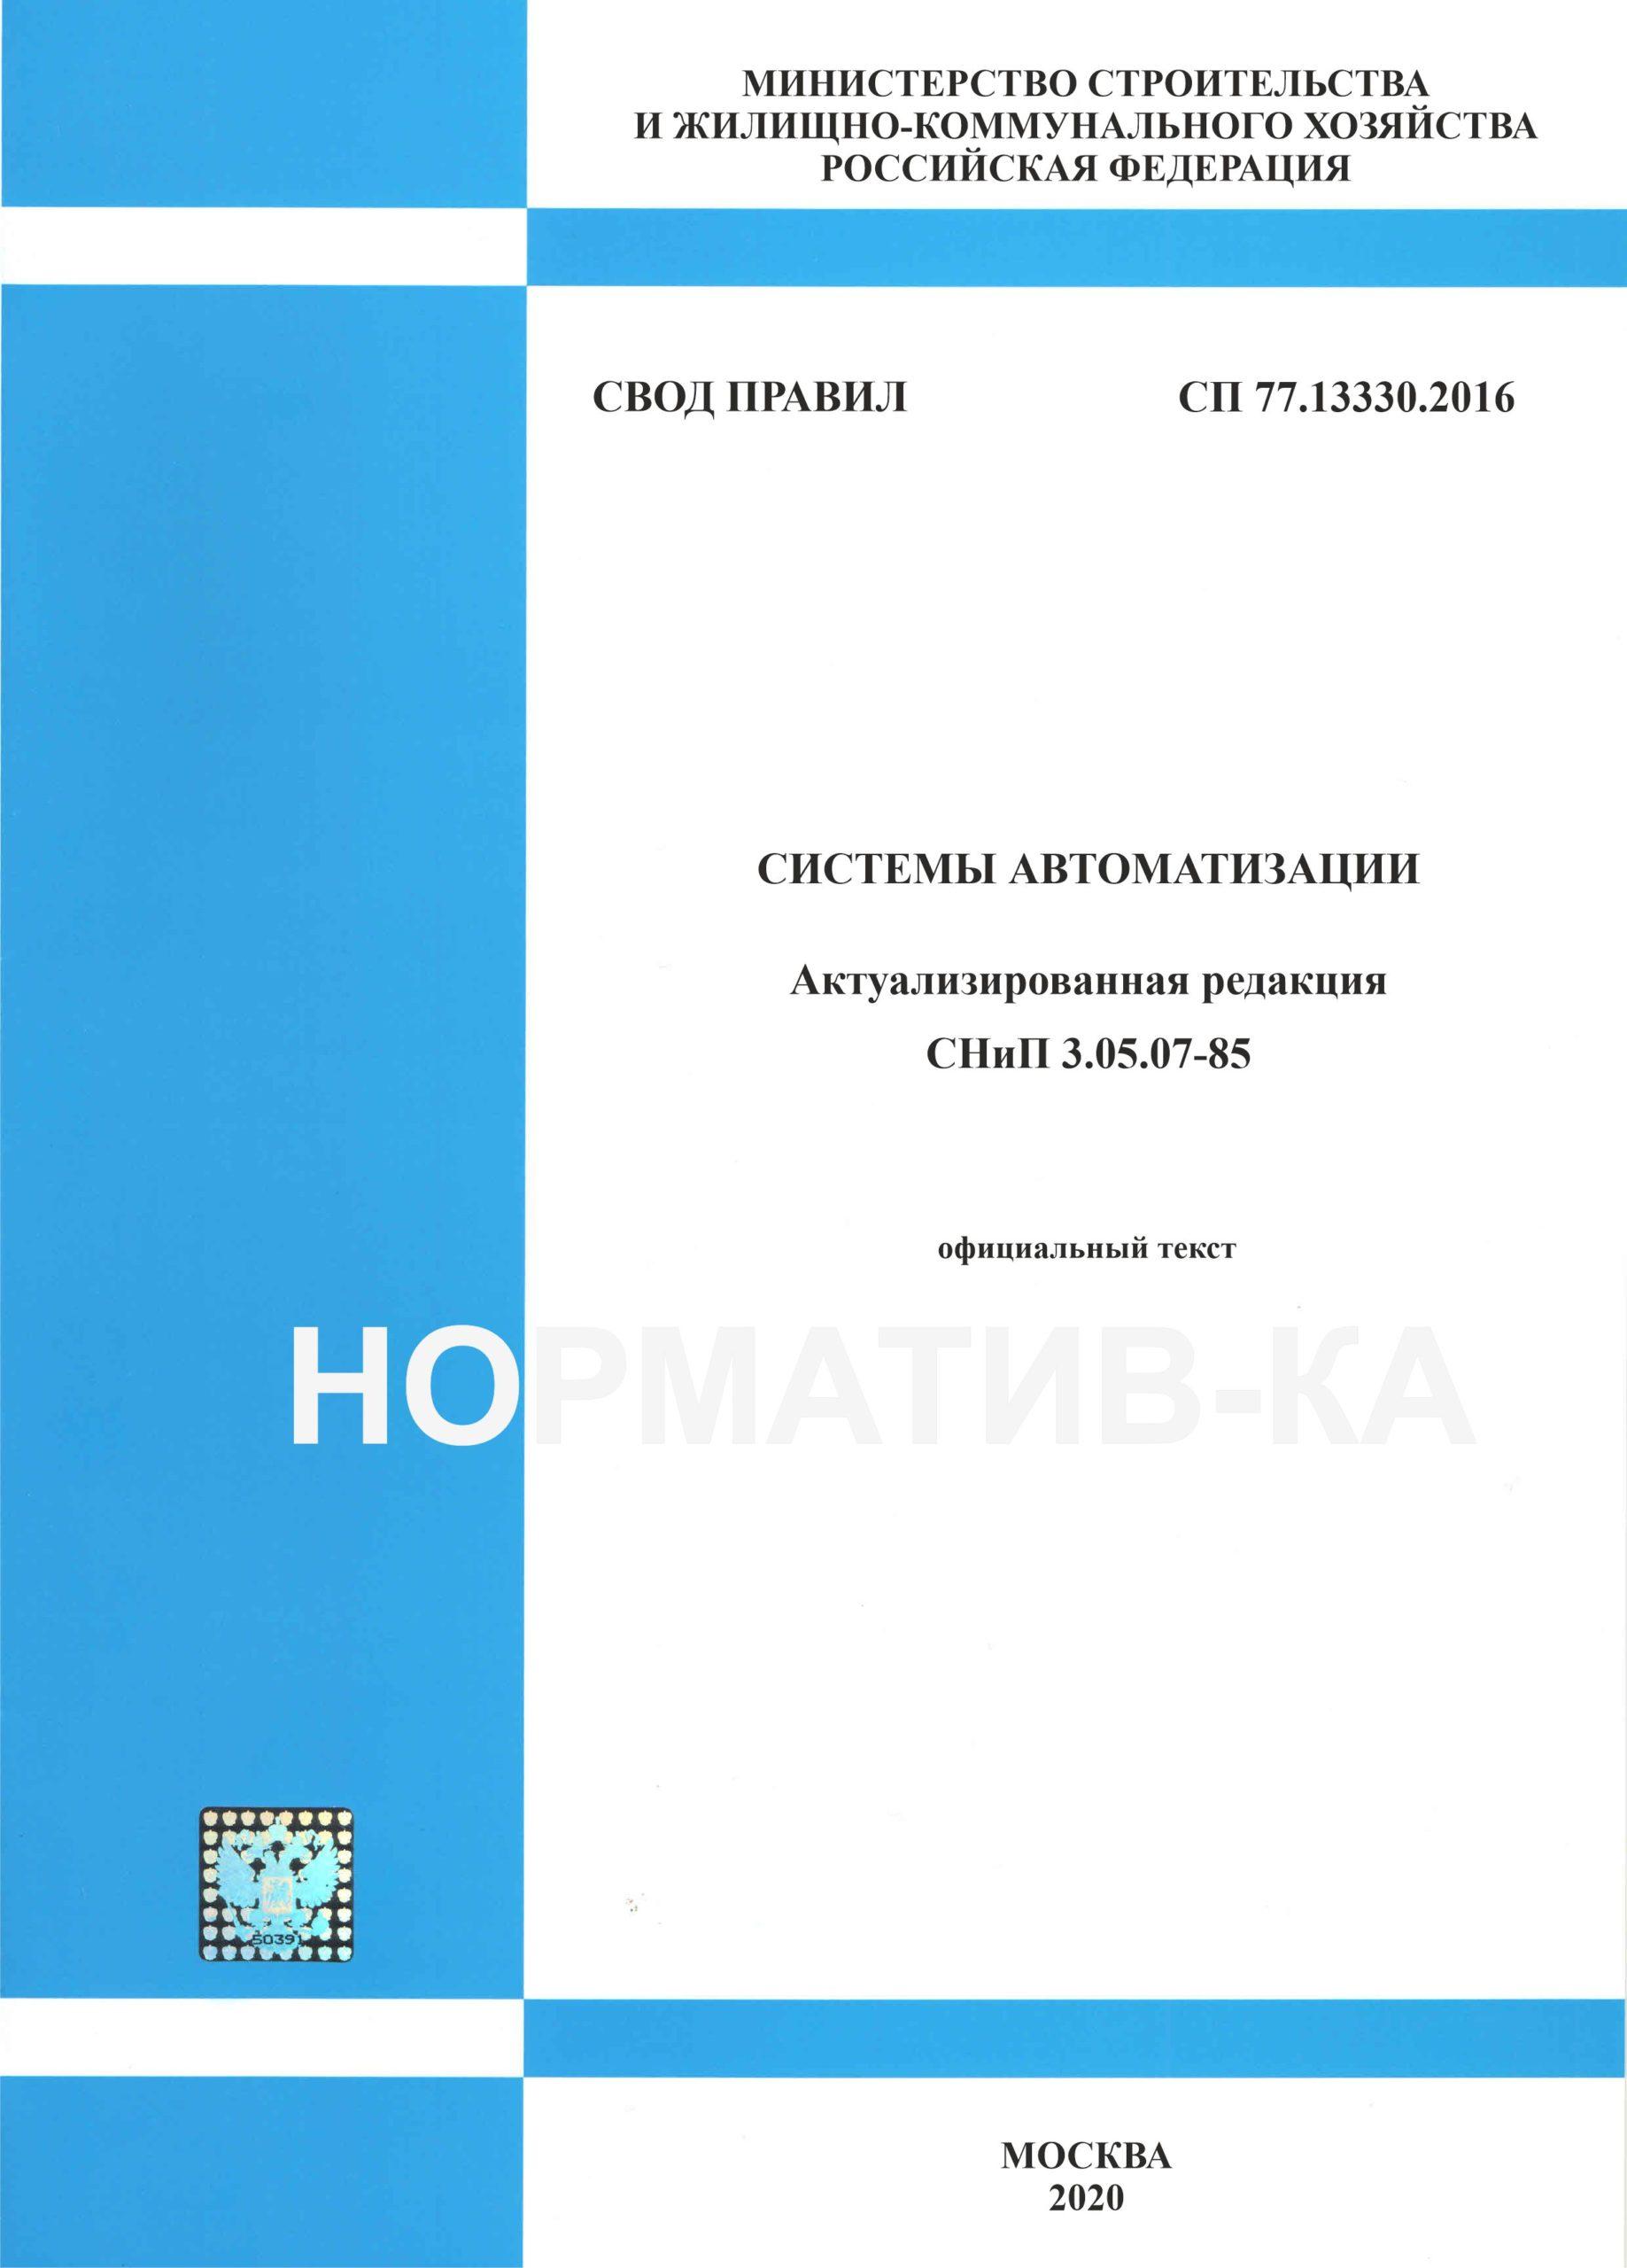 СП 77.13330.2016